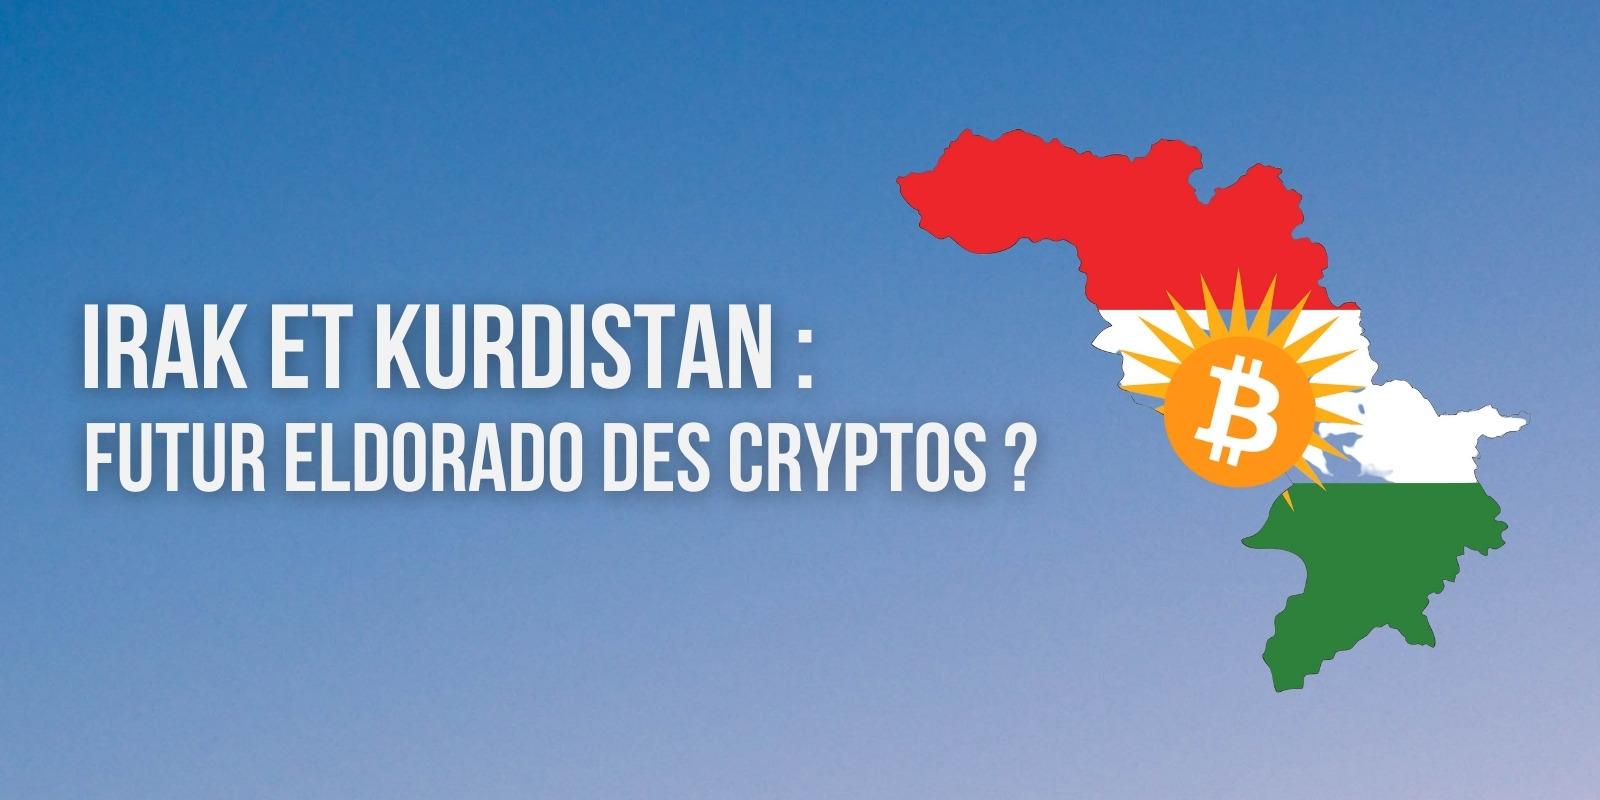 La popularité des cryptomonnaies ne cesse de croître en Irak et au Kurdistan